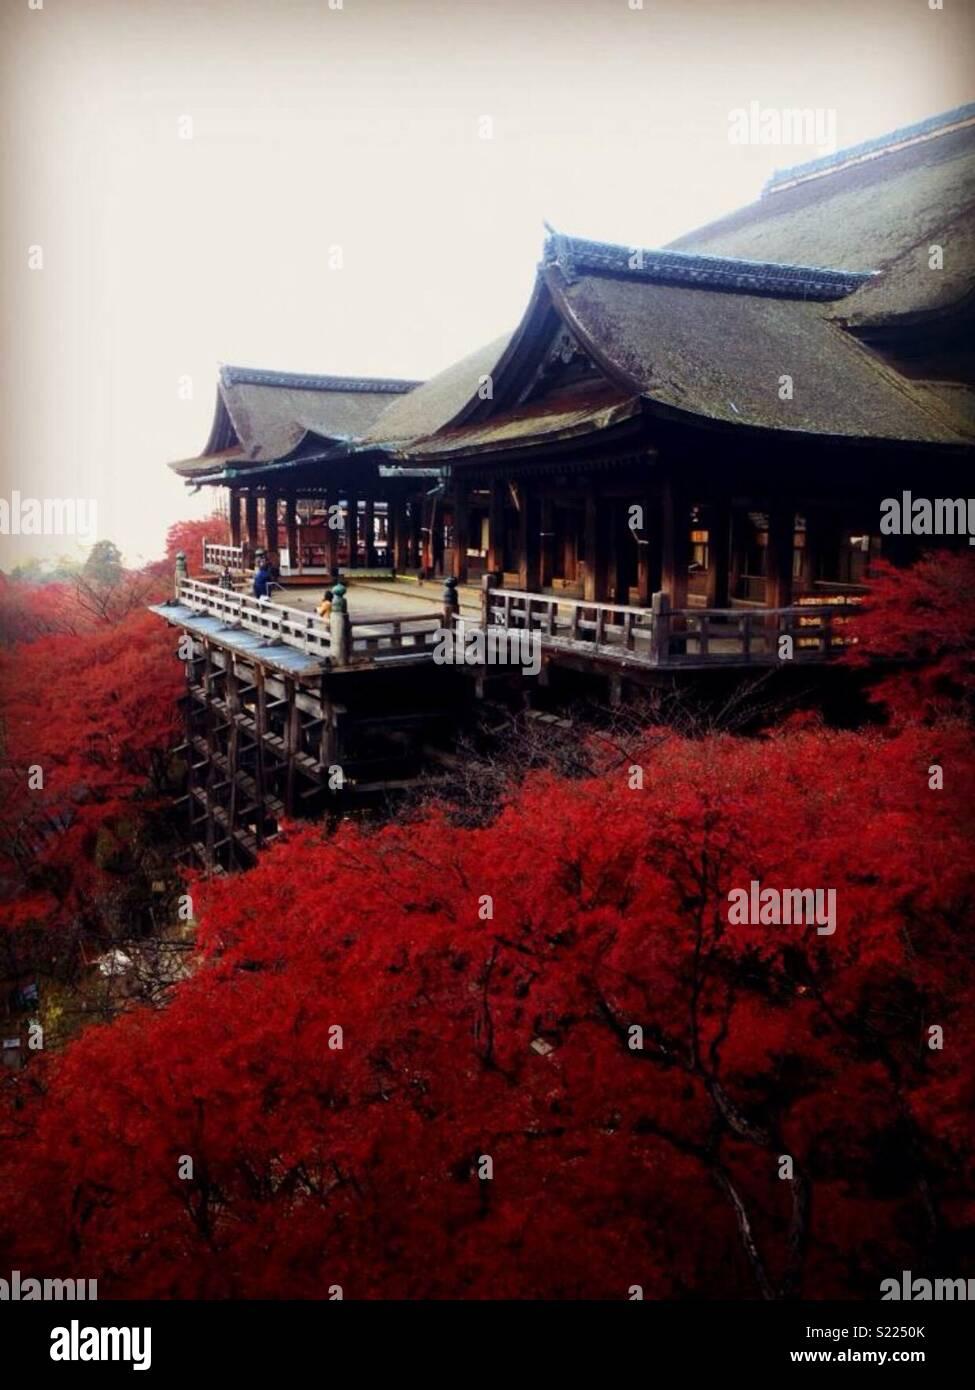 Tempio di Kiyomizu, Kyoto, Giappone Immagini Stock